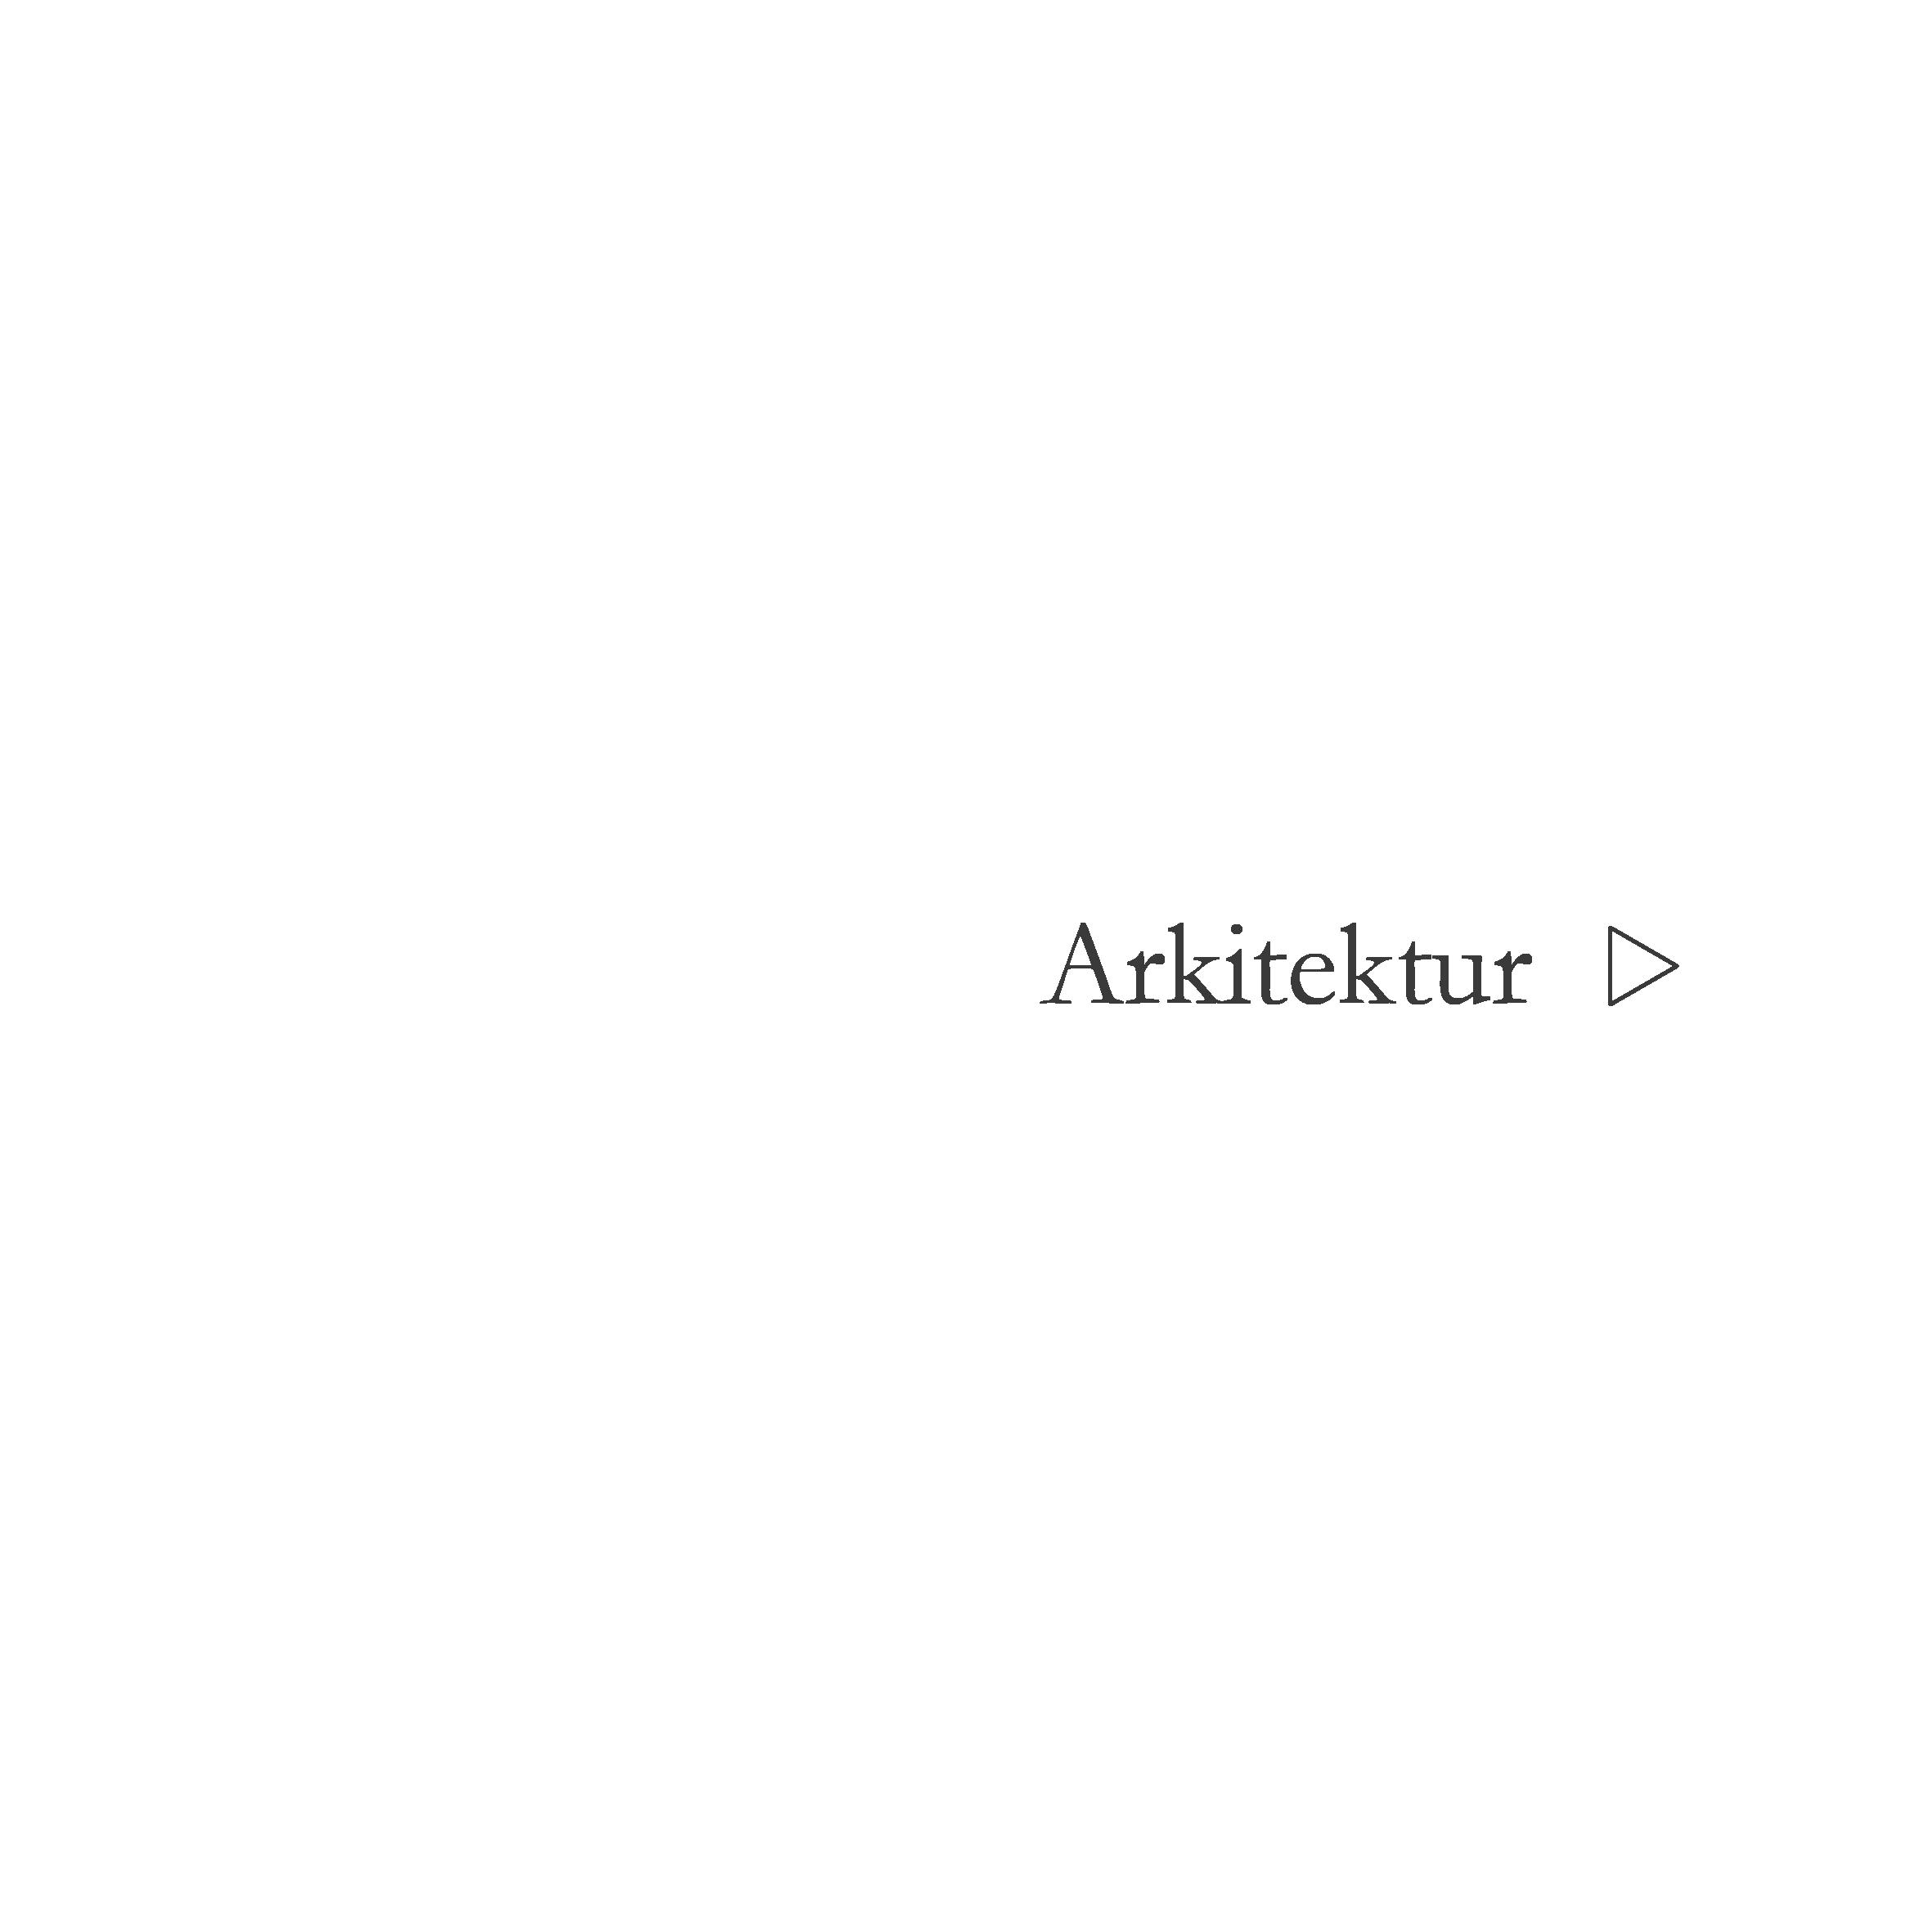 Arkitektur_test_2-01.png